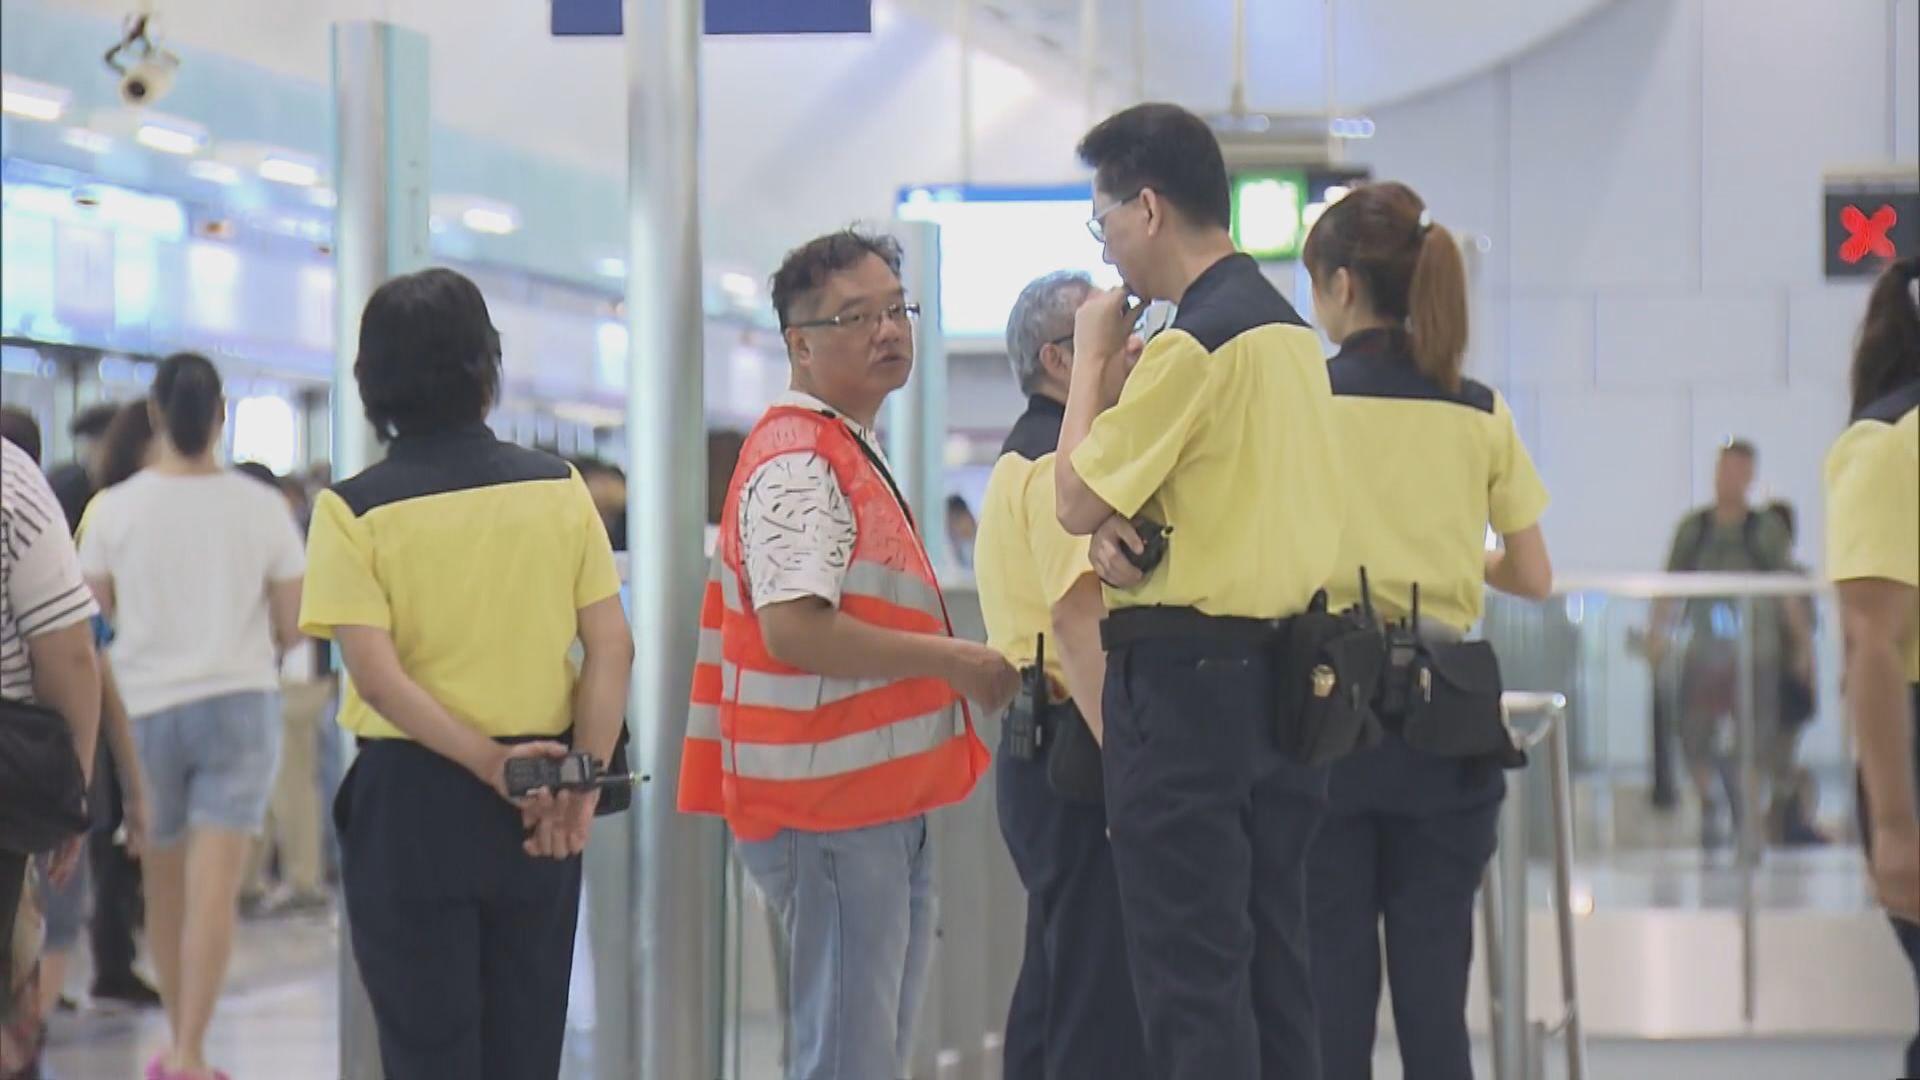 港鐵增派職員於元朗站巡視